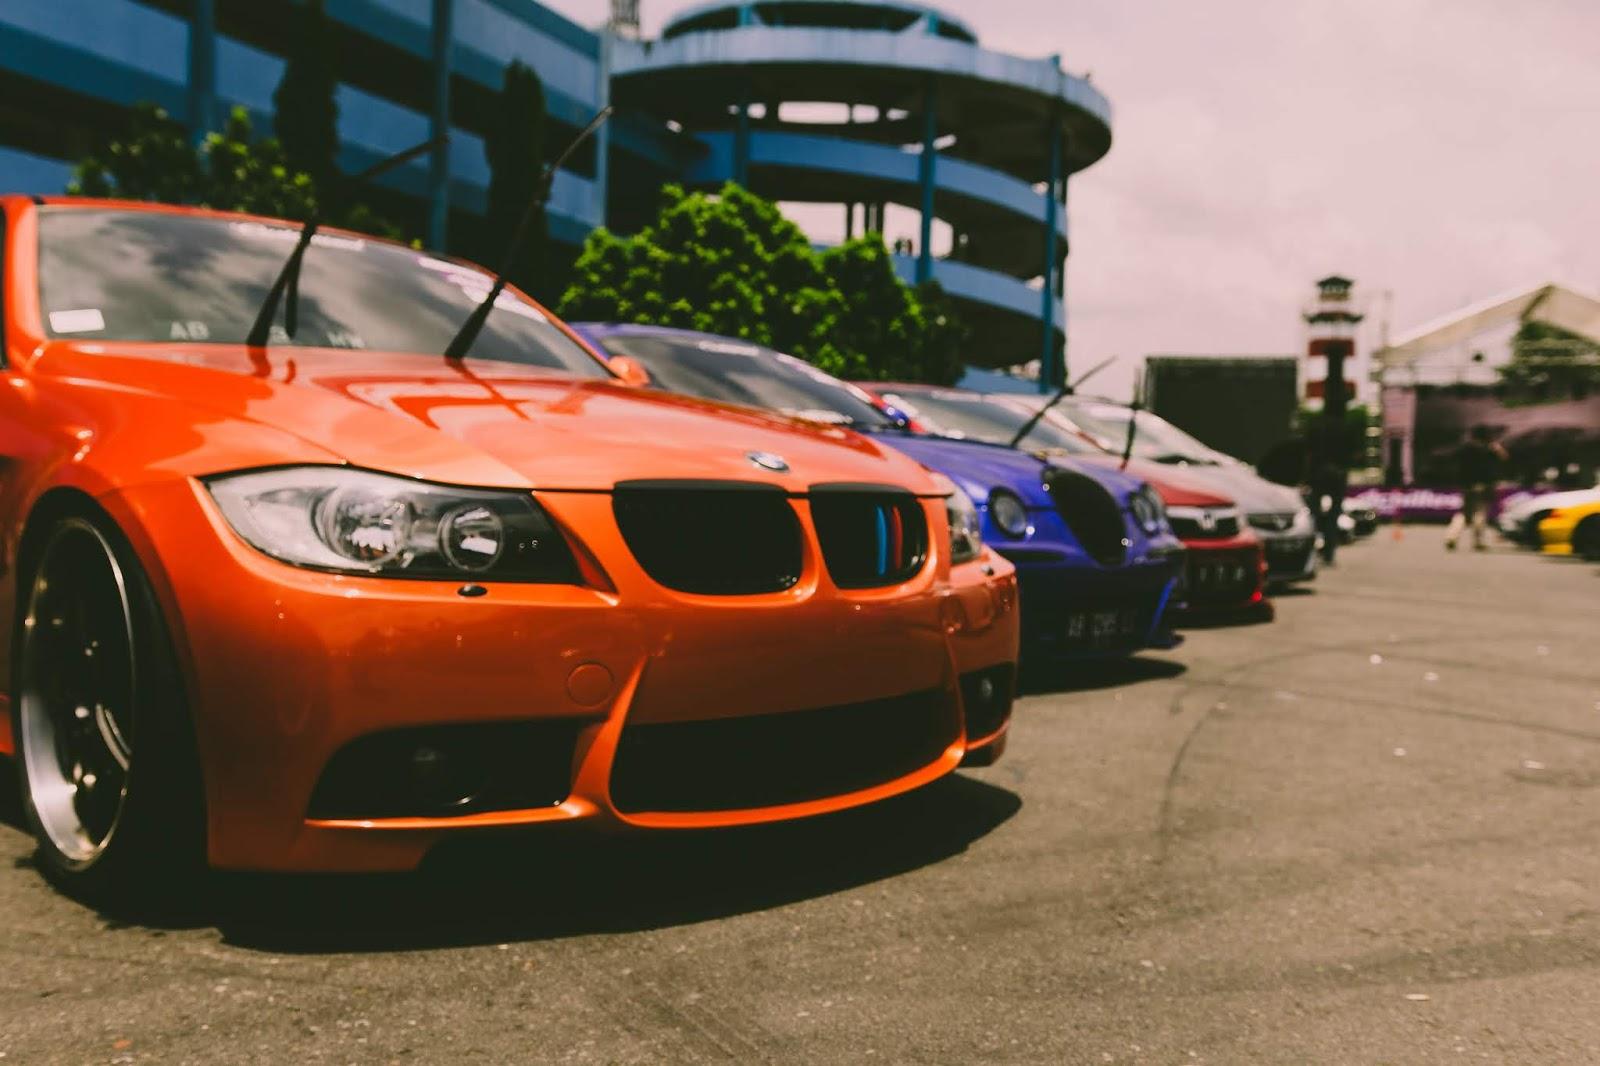 jual mobil bekas, jual mobil bekas jakarta, BeliMobilGue.co.id